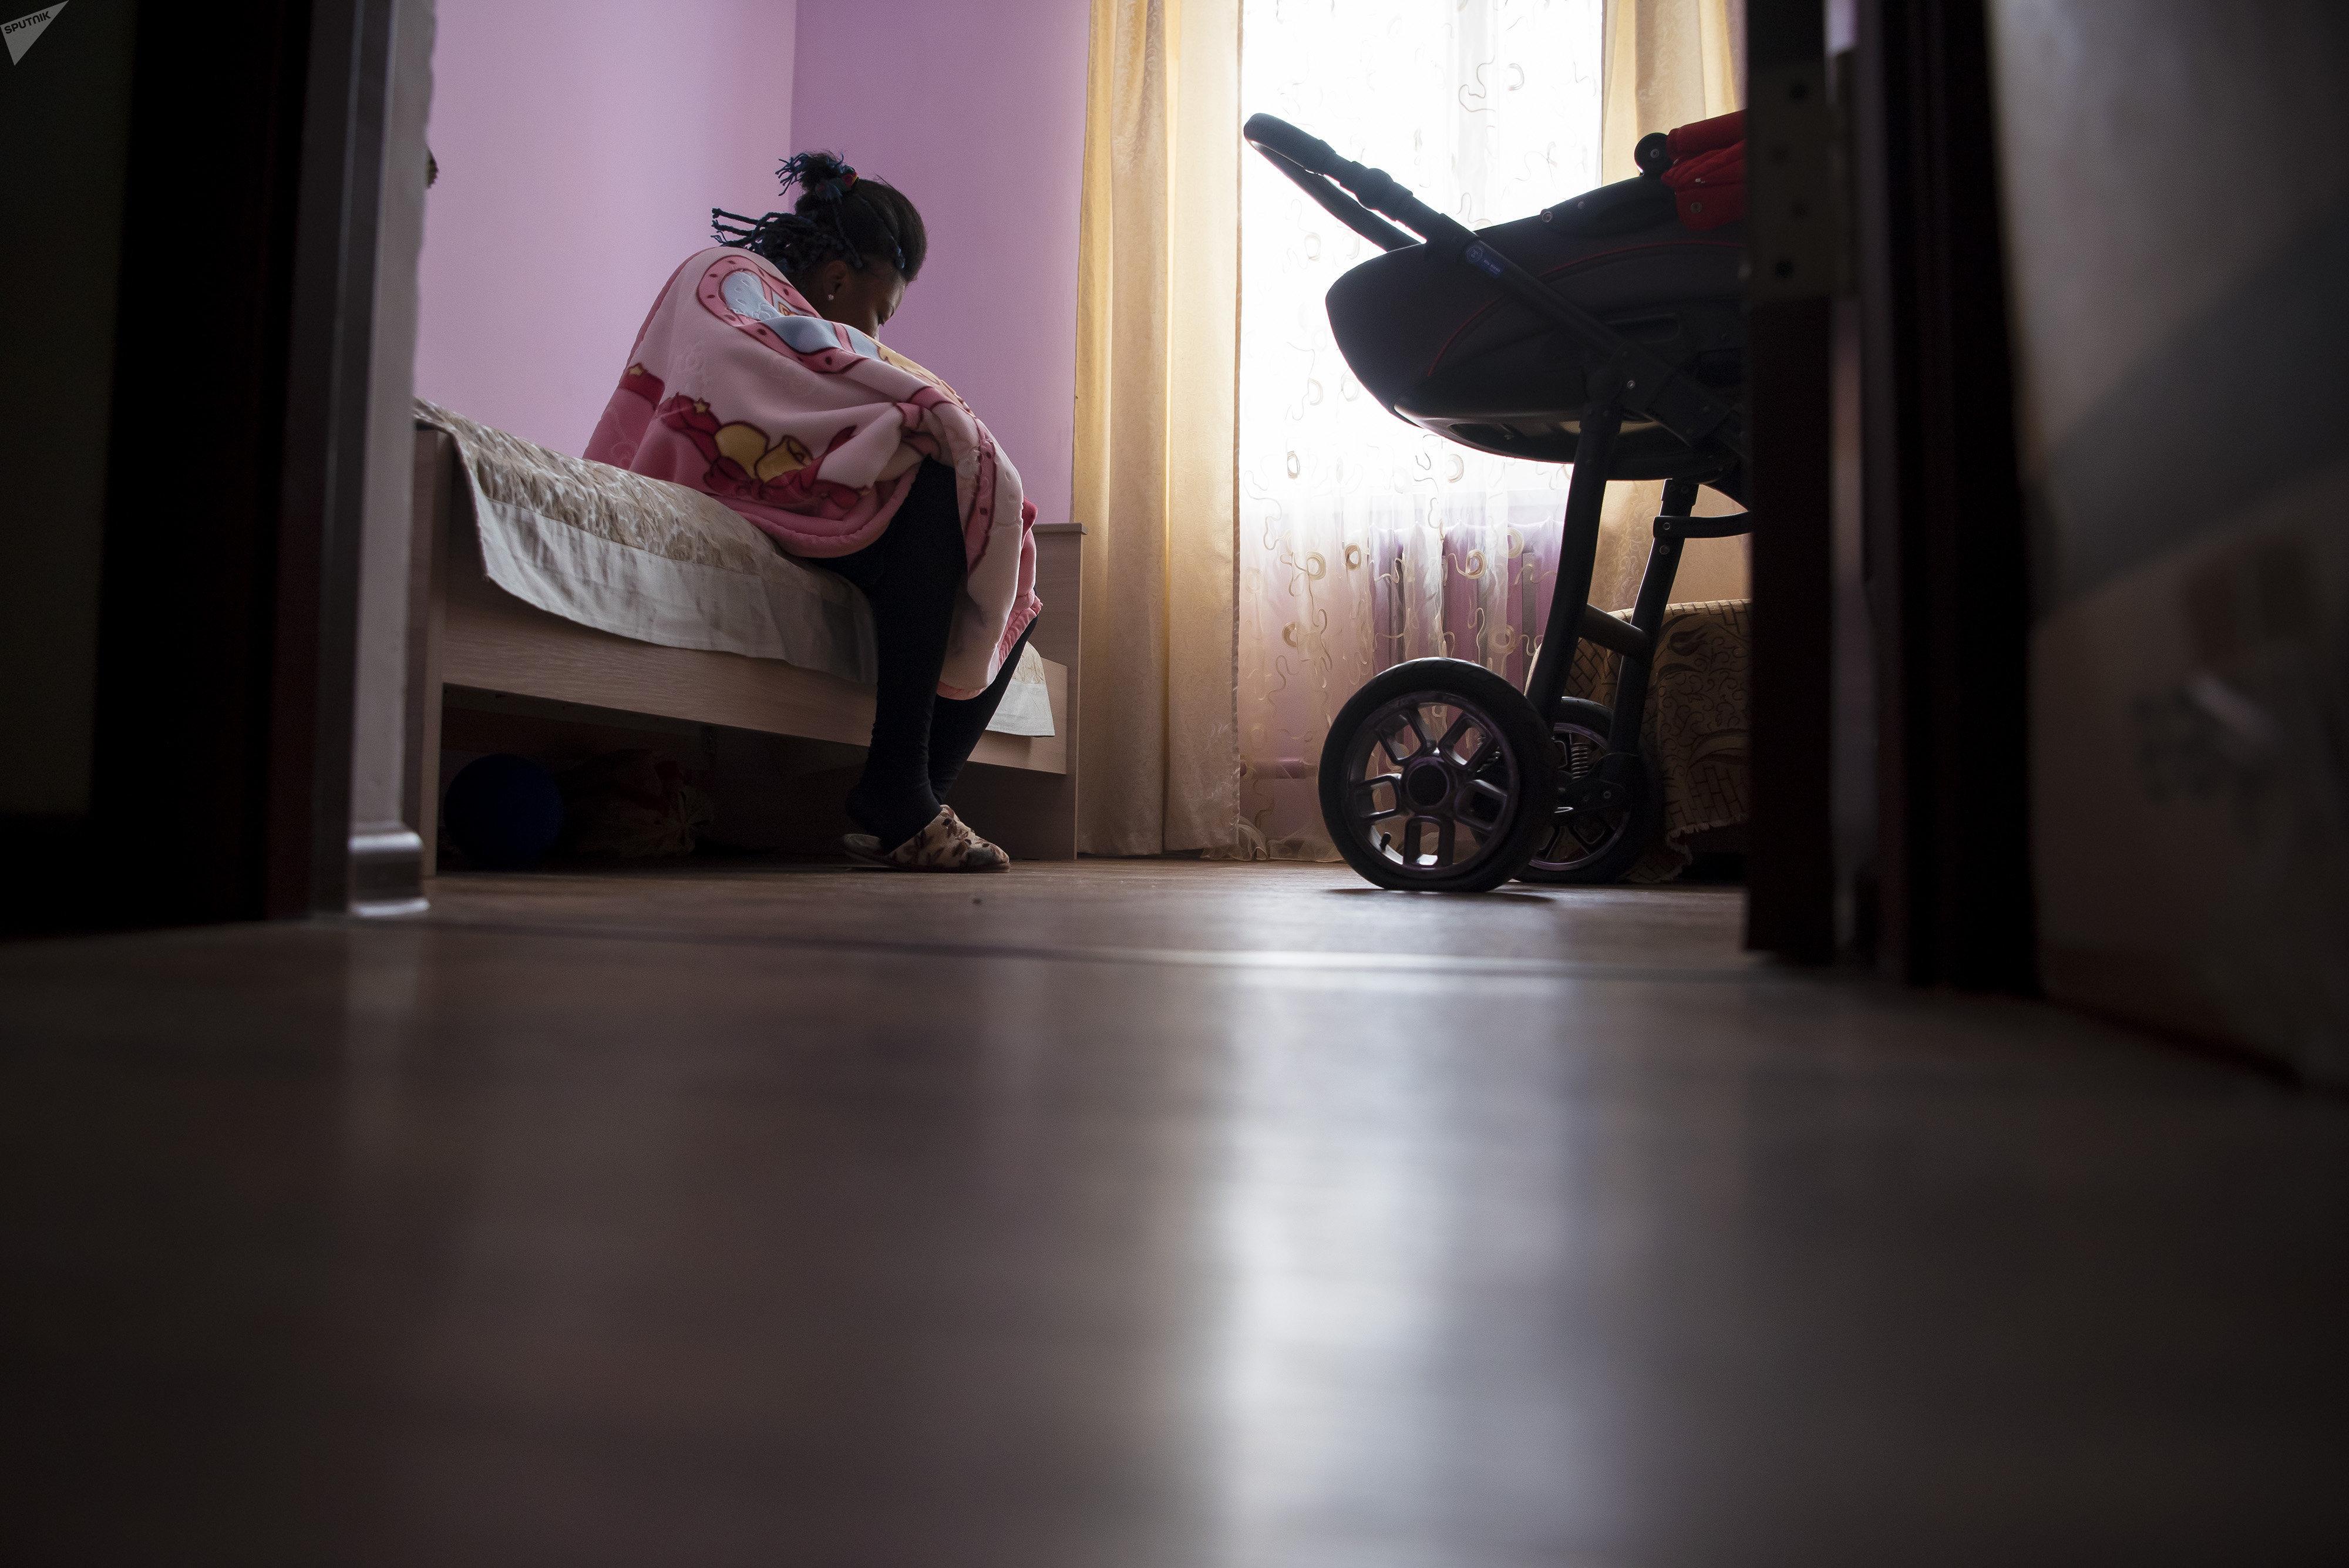 Моника с дочерью живут в Центре временного проживания Комек